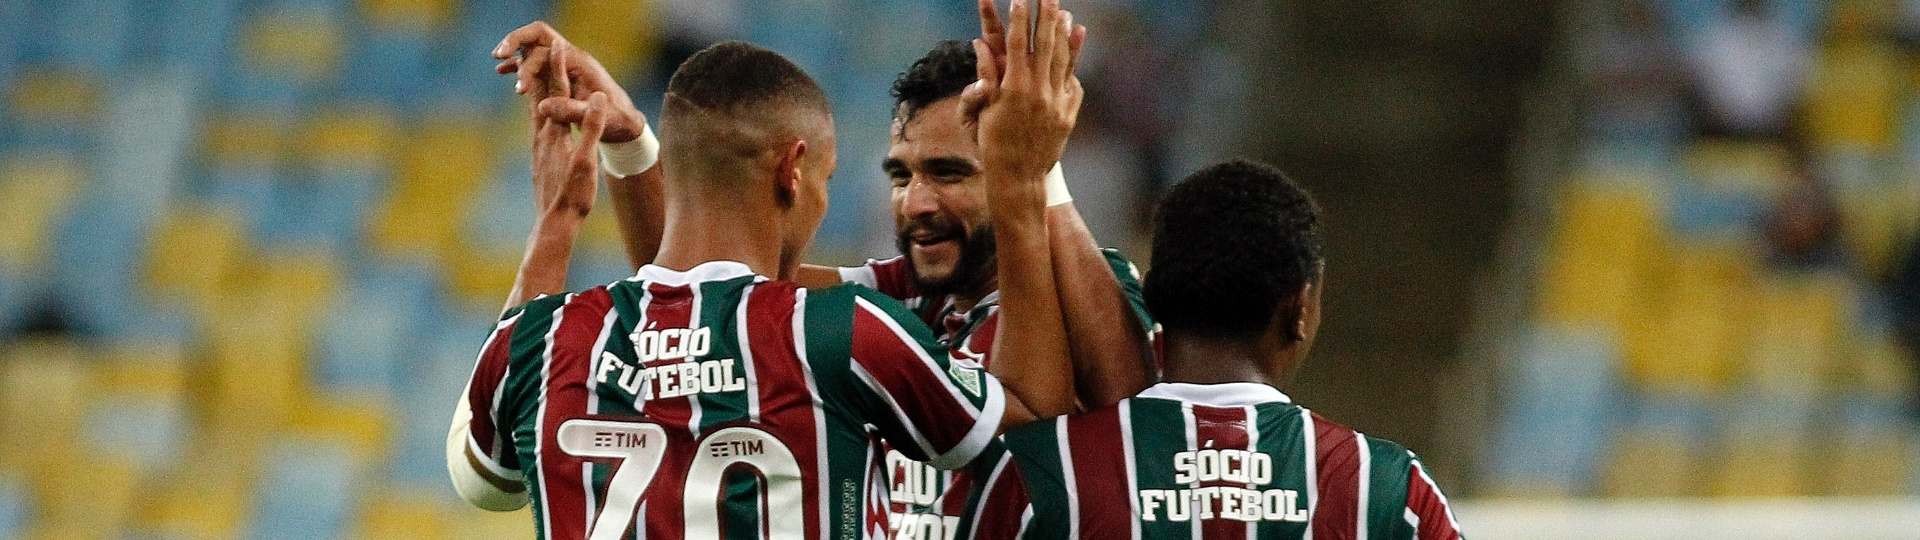 Richarlison comemora gol do Fluminense abraçando Henrique Dourado